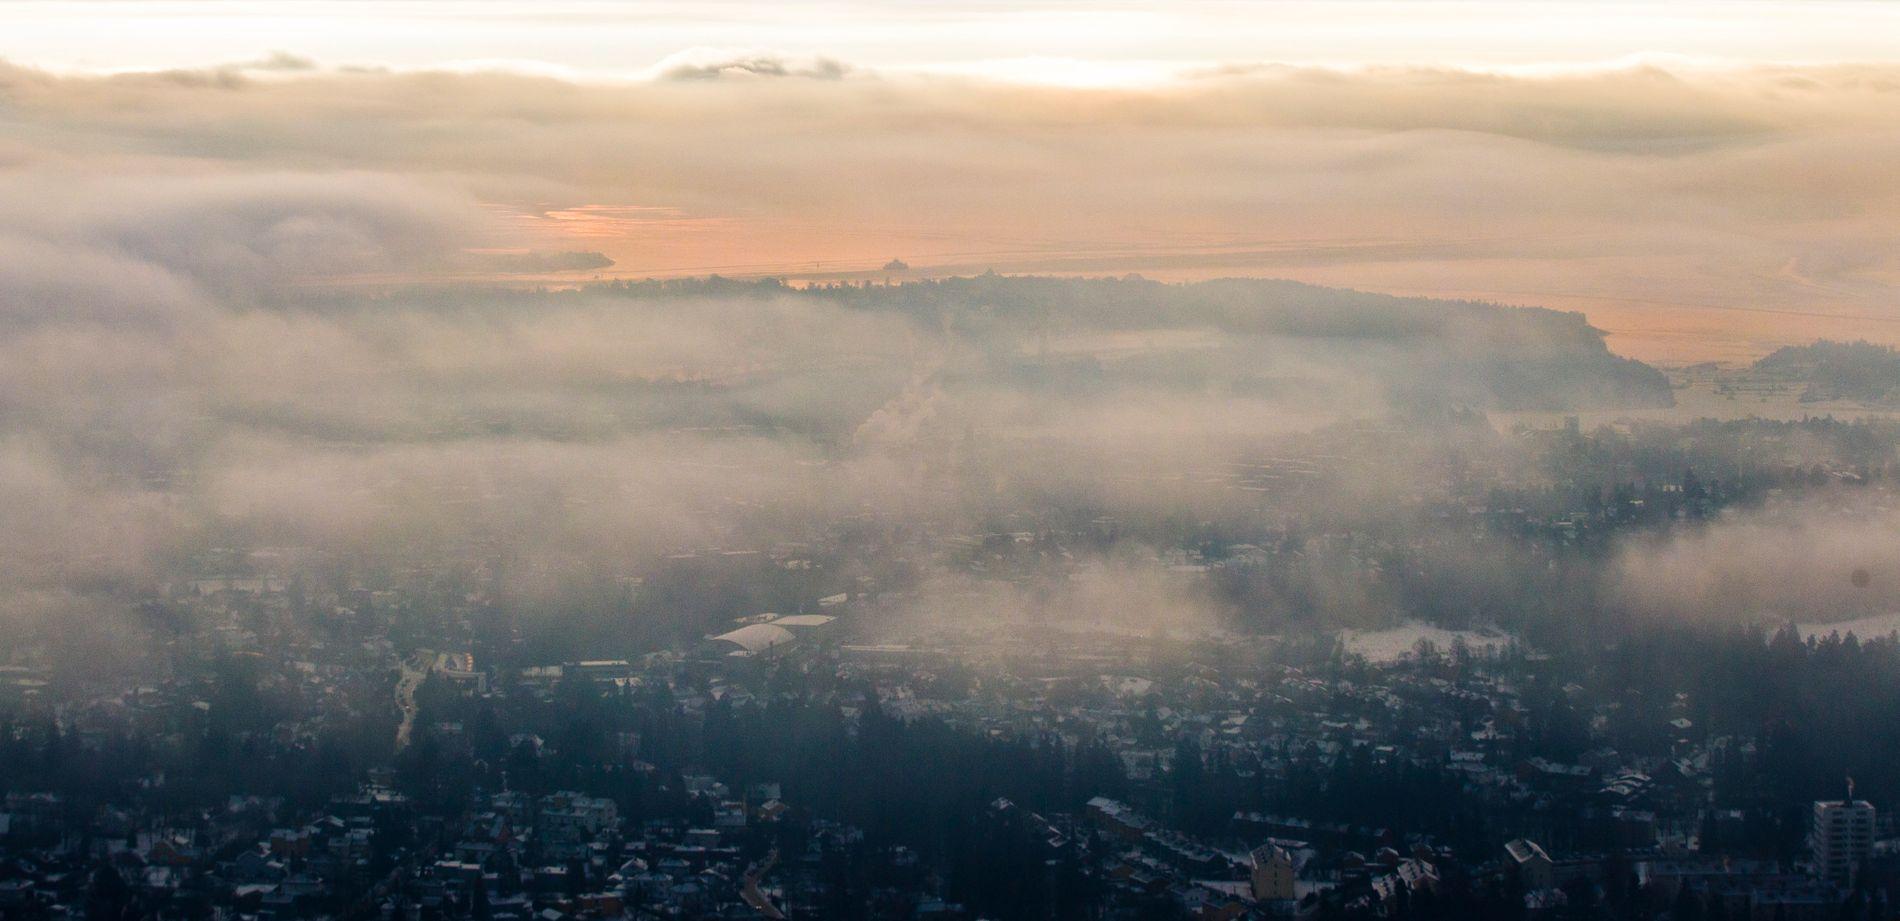 HELSEFARLIG: Kaldt vær og forurensing fører til helsefarlig luftkvalitet i Oslo. Oversiktsbilde tatt fra Holmenkollbakken i 2013.